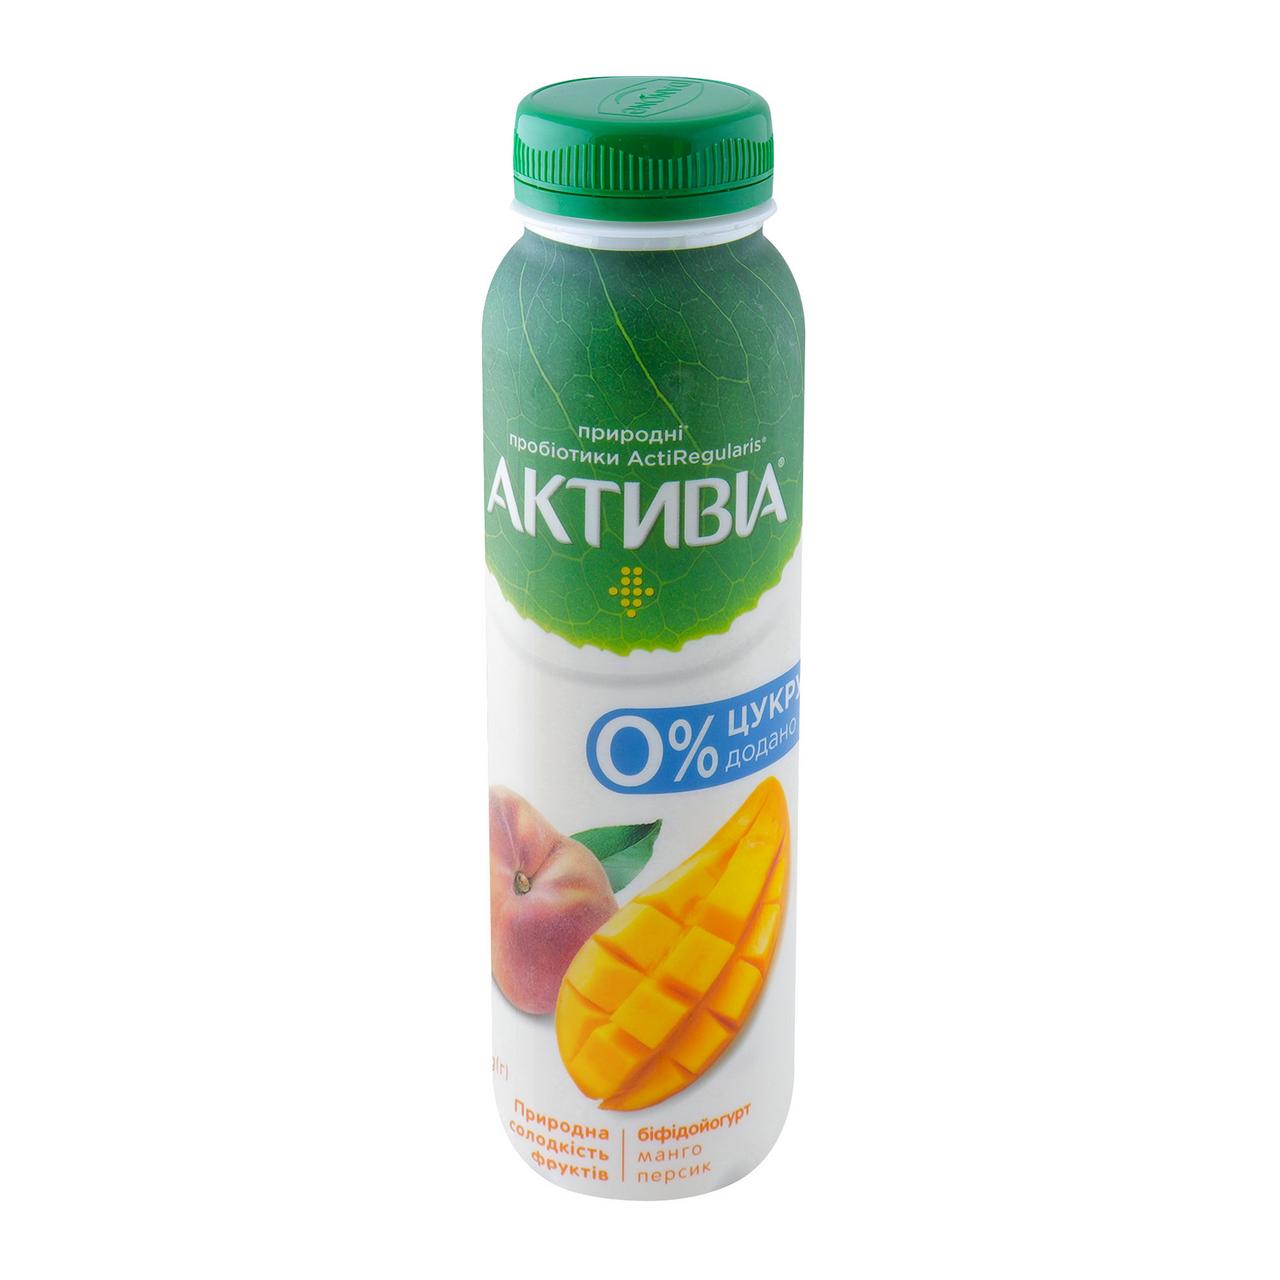 Біфідойогурт Активіа Манго-персик питний без цукру 1.2% 270г